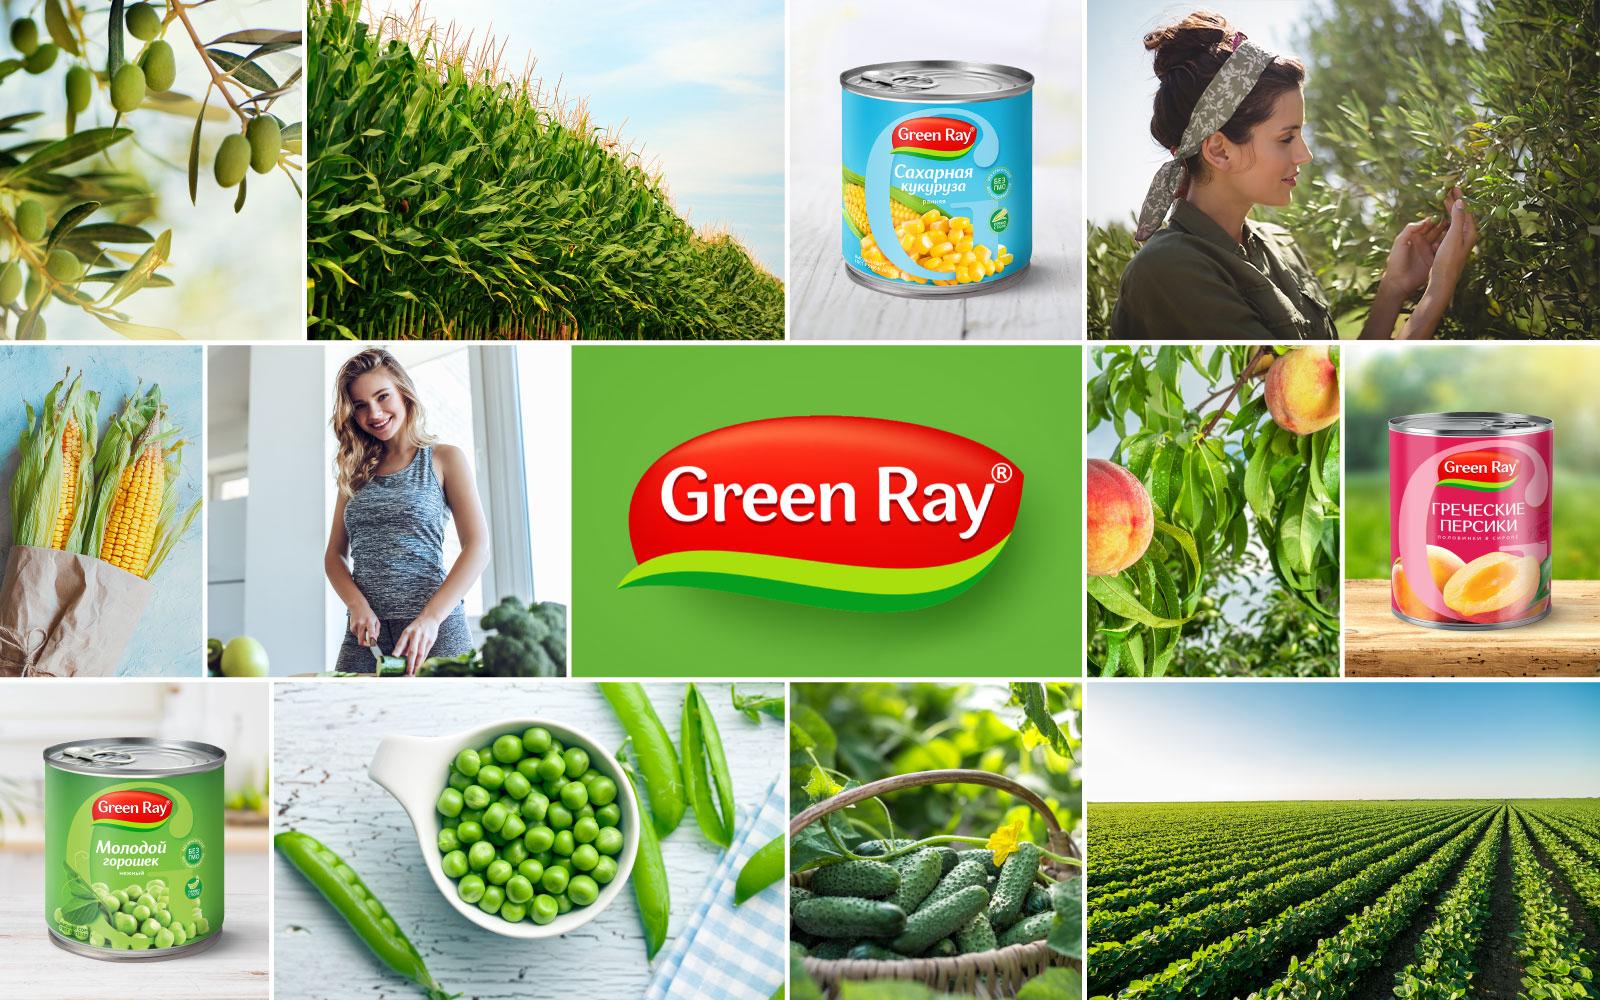 Рестайлинг бренда консервированных овощей и фруктов Green Ray: создание обновленного логотипа и дизайна упаковки всего ассортимента продукции